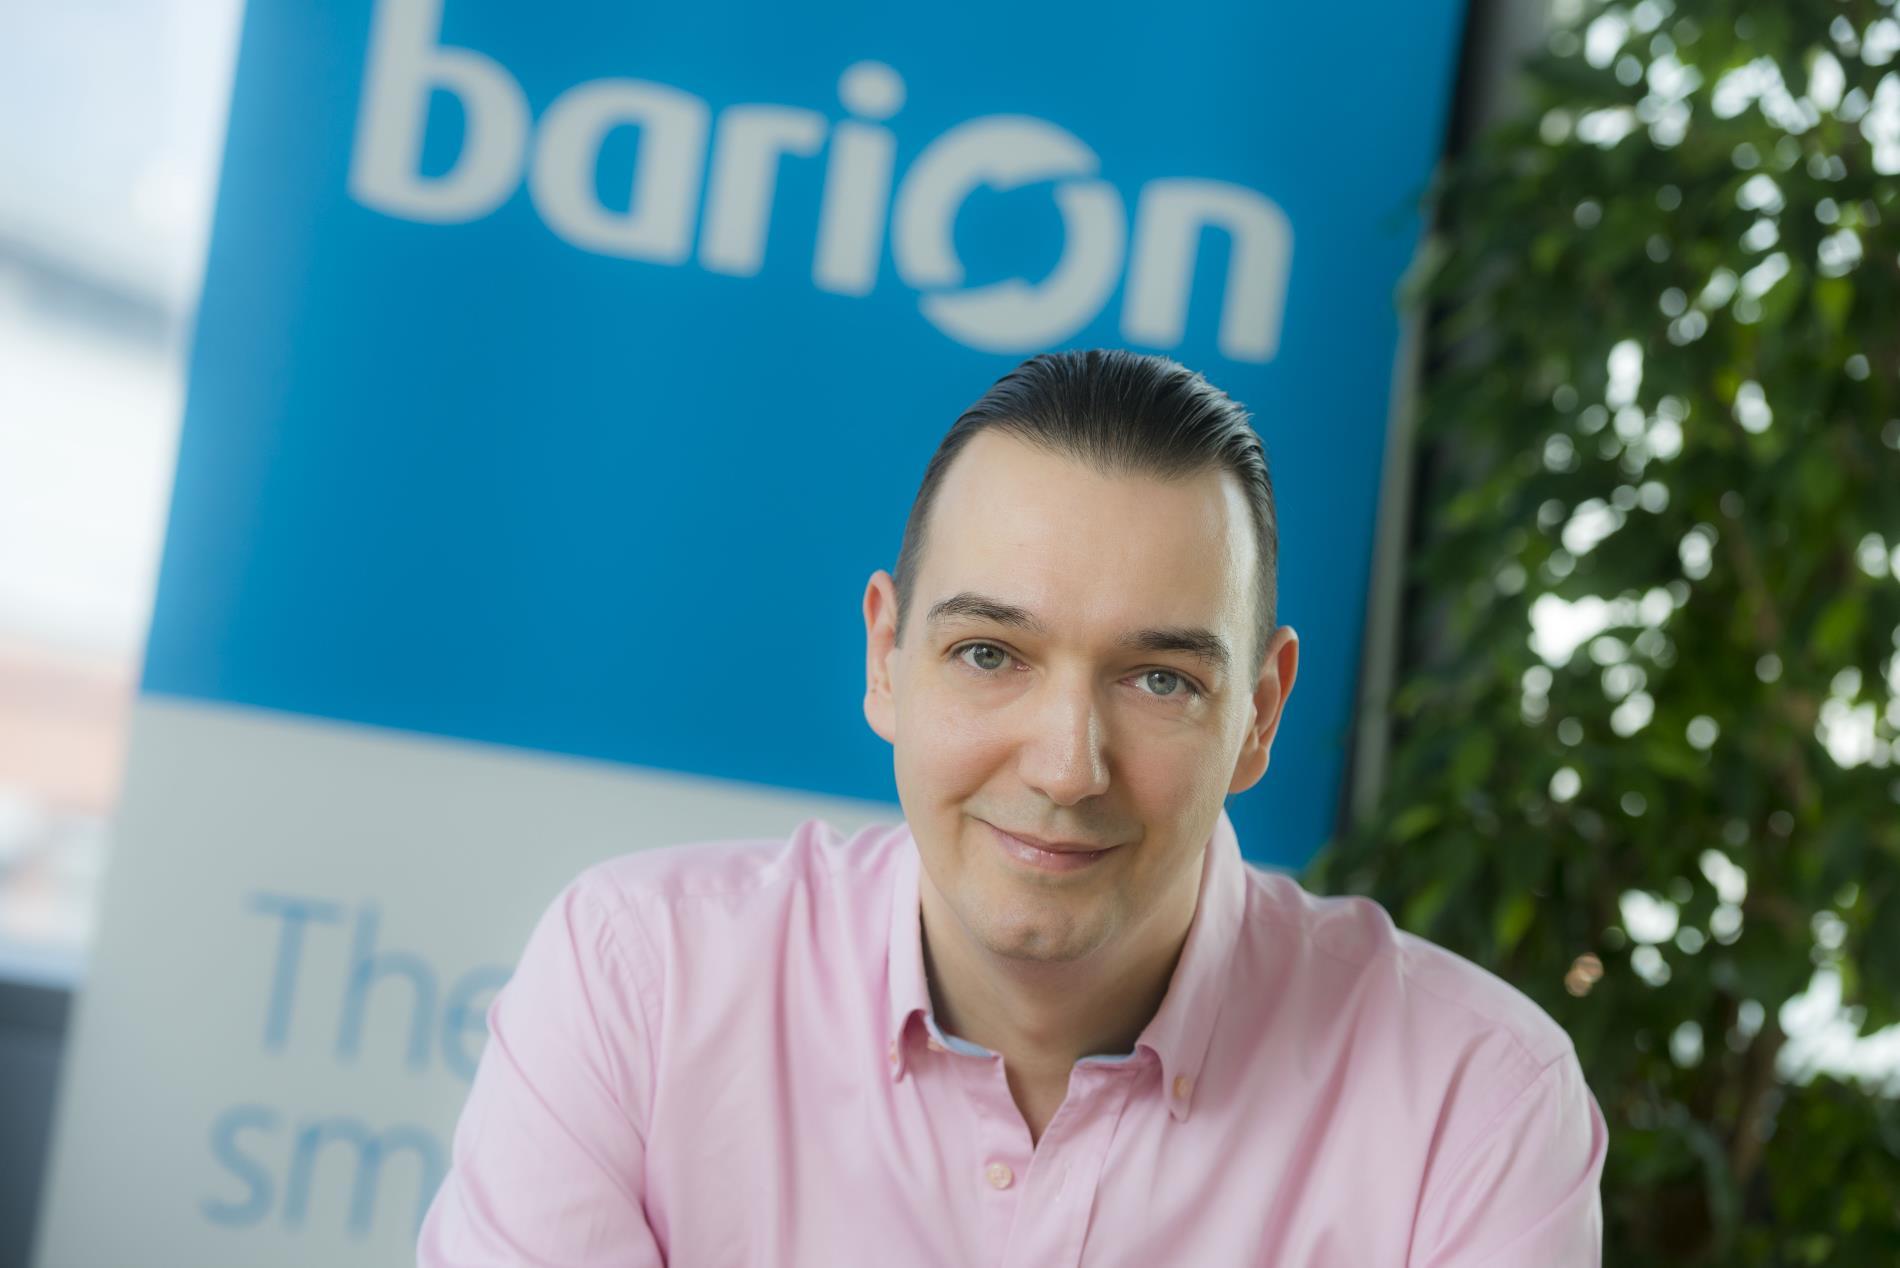 Bíró Tamás, a Barion alapító-tulajdonosa (Forrás: Barion)